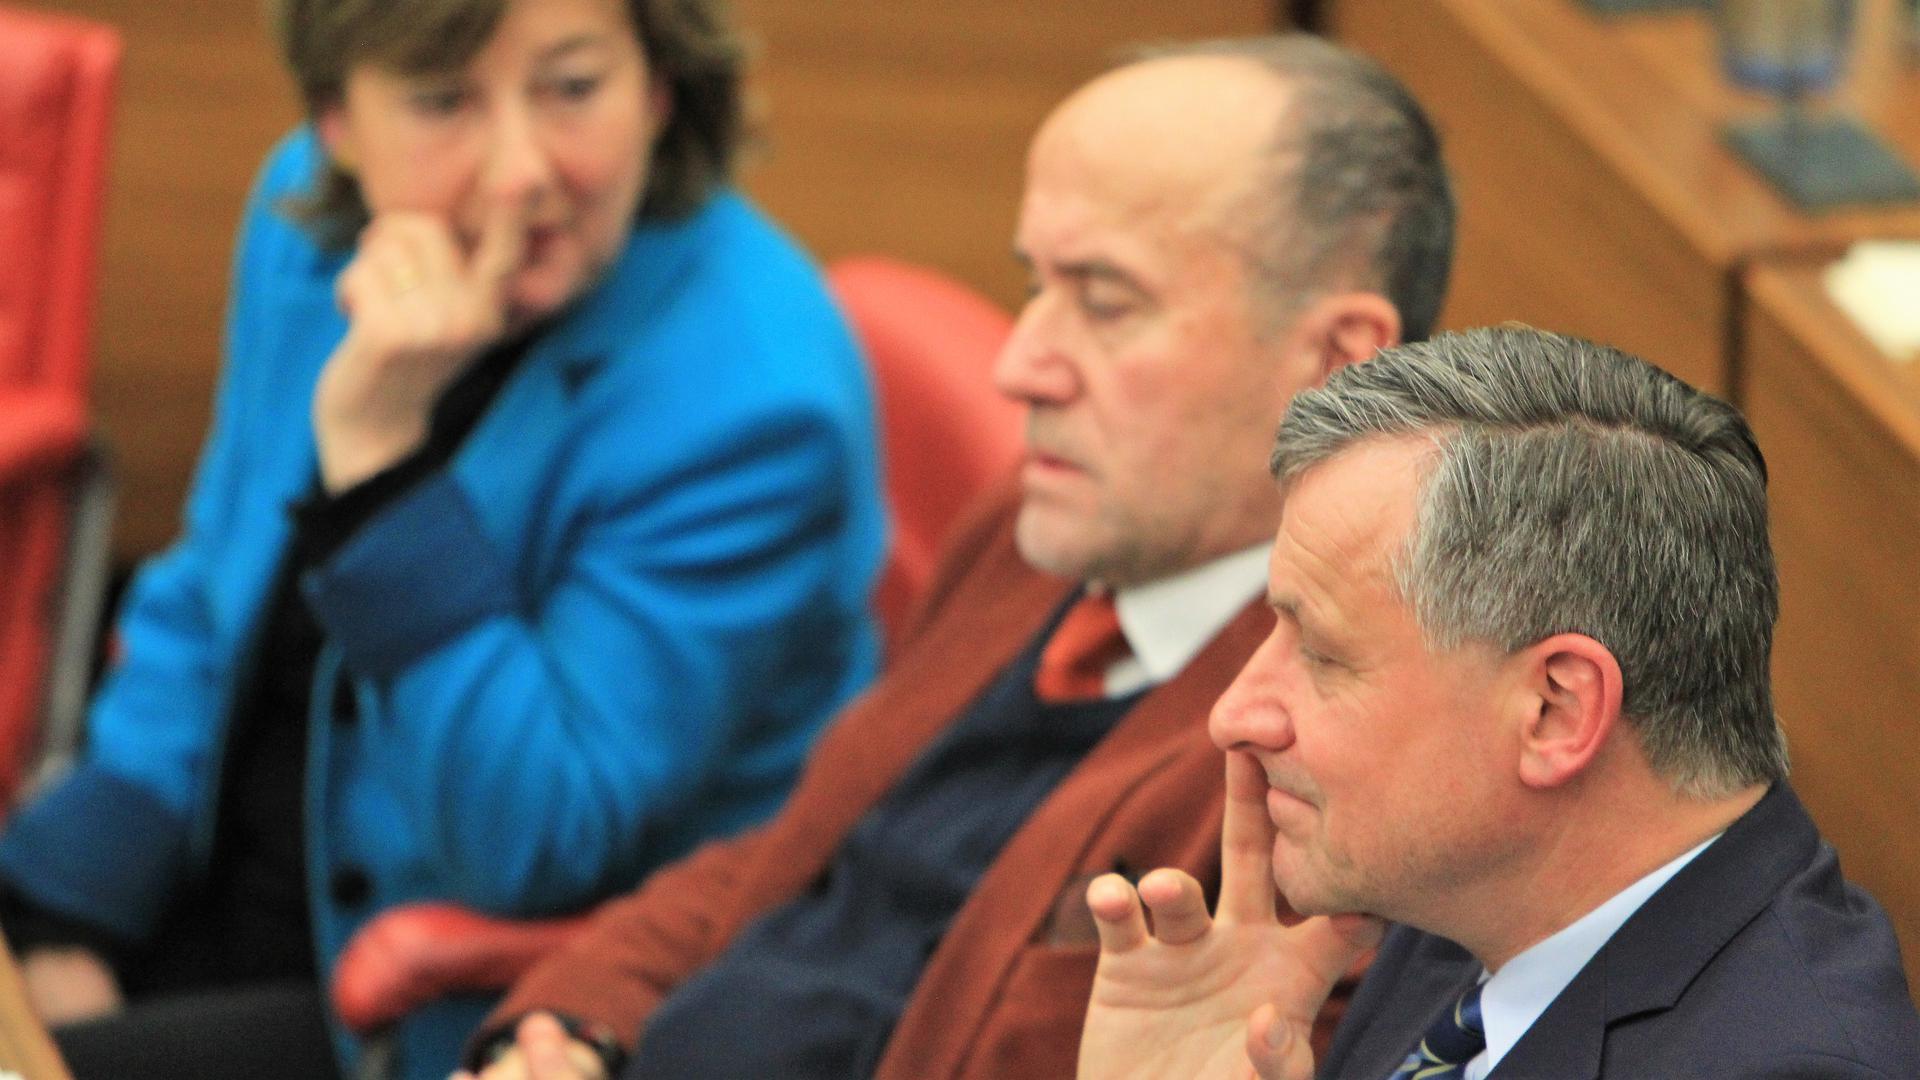 Ärger um Messer-Metapher: FDP-Stadrat Hans-Ulrich Rülke (vorne) mit CDU-Fraktionsvorsitzender Marianne Engeser und ihrem Stellvertreter Wolfgang Schick auf einem Archivbild im Pforzheimer Ratssaal.